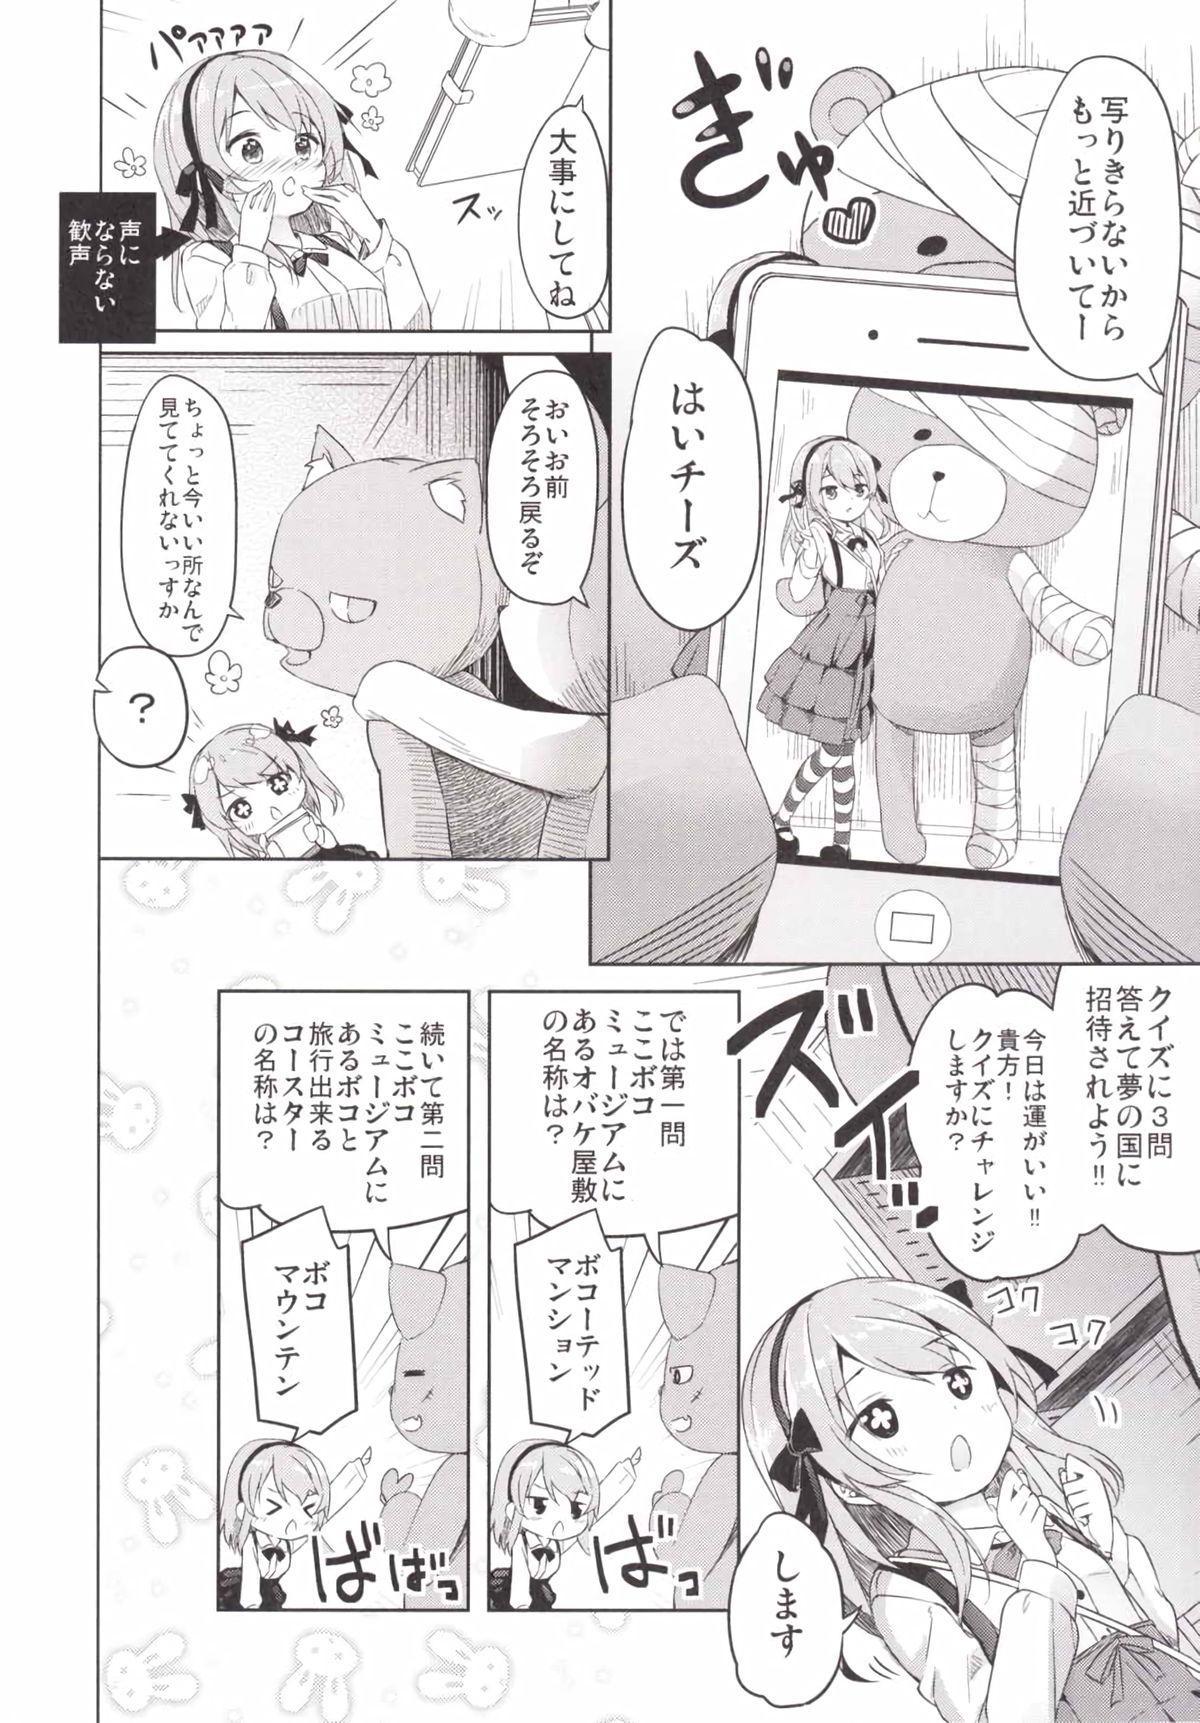 Shimada-ryuu High! Ace Senshadou 11